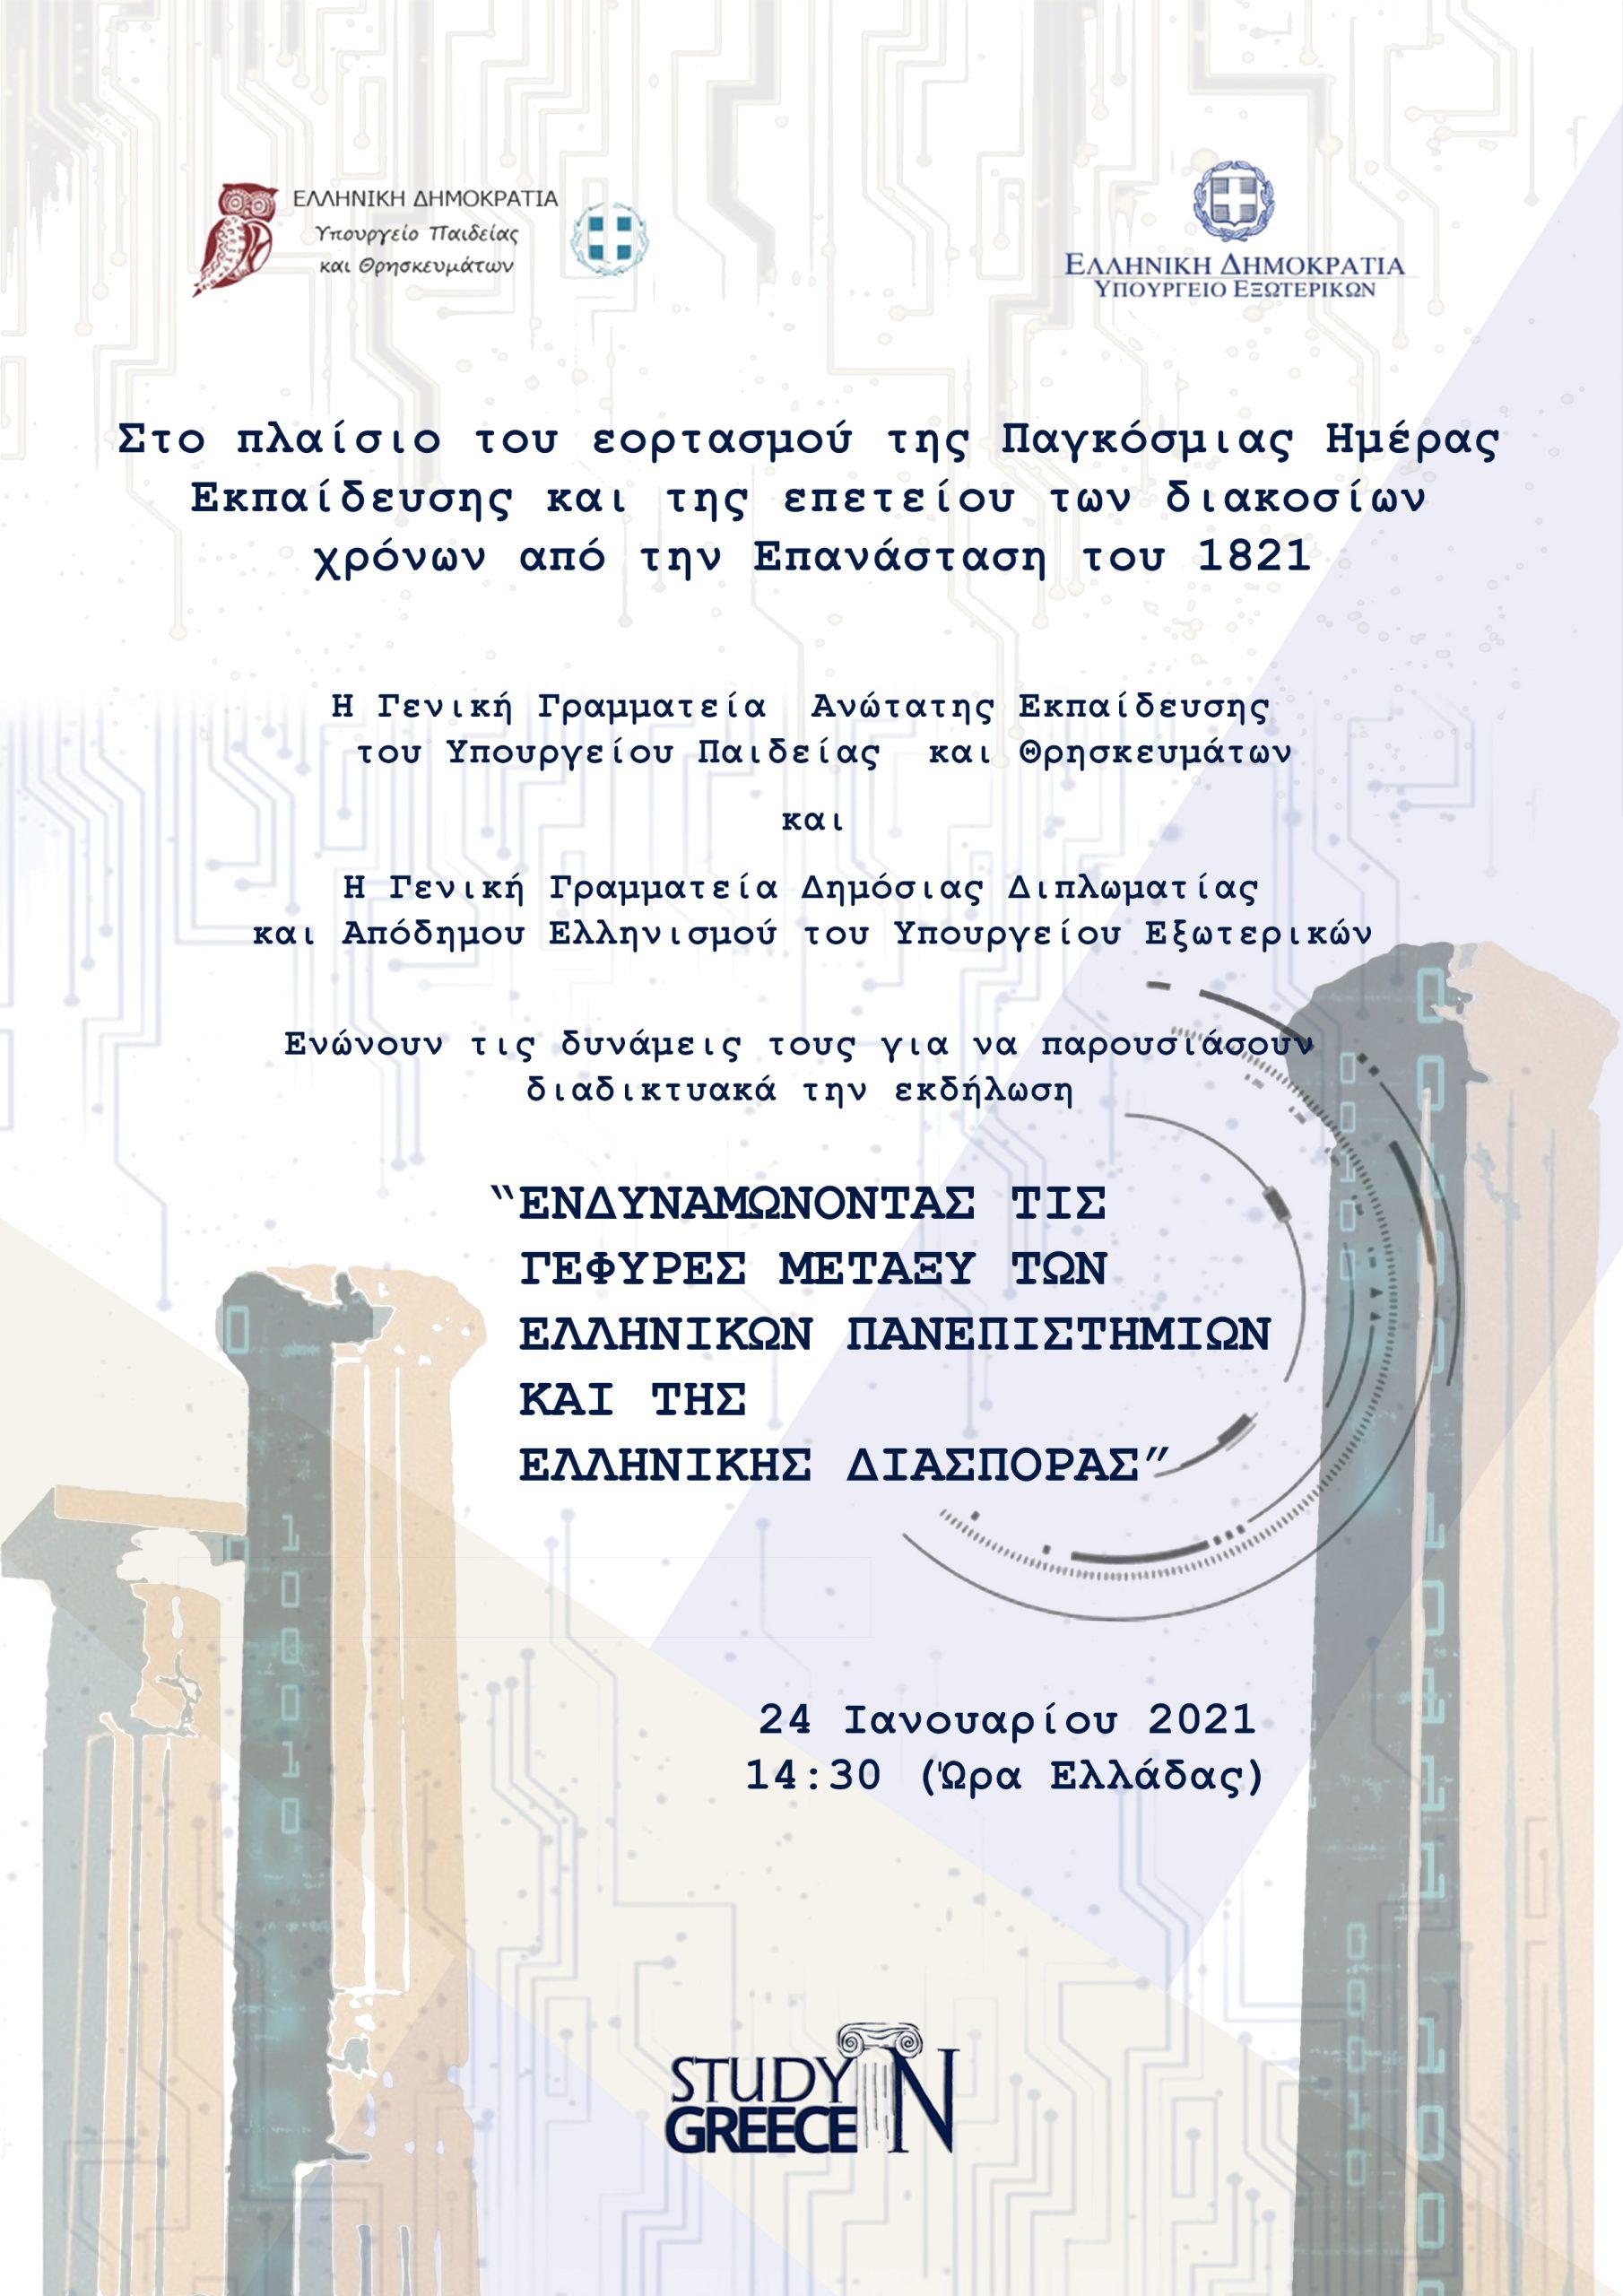 Ημερίδα «Ενδυναμώνοντας τις γέφυρες ανάμεσα στα ελληνικά πανεπιστήμια και τον Ελληνισμό της Διασποράς»